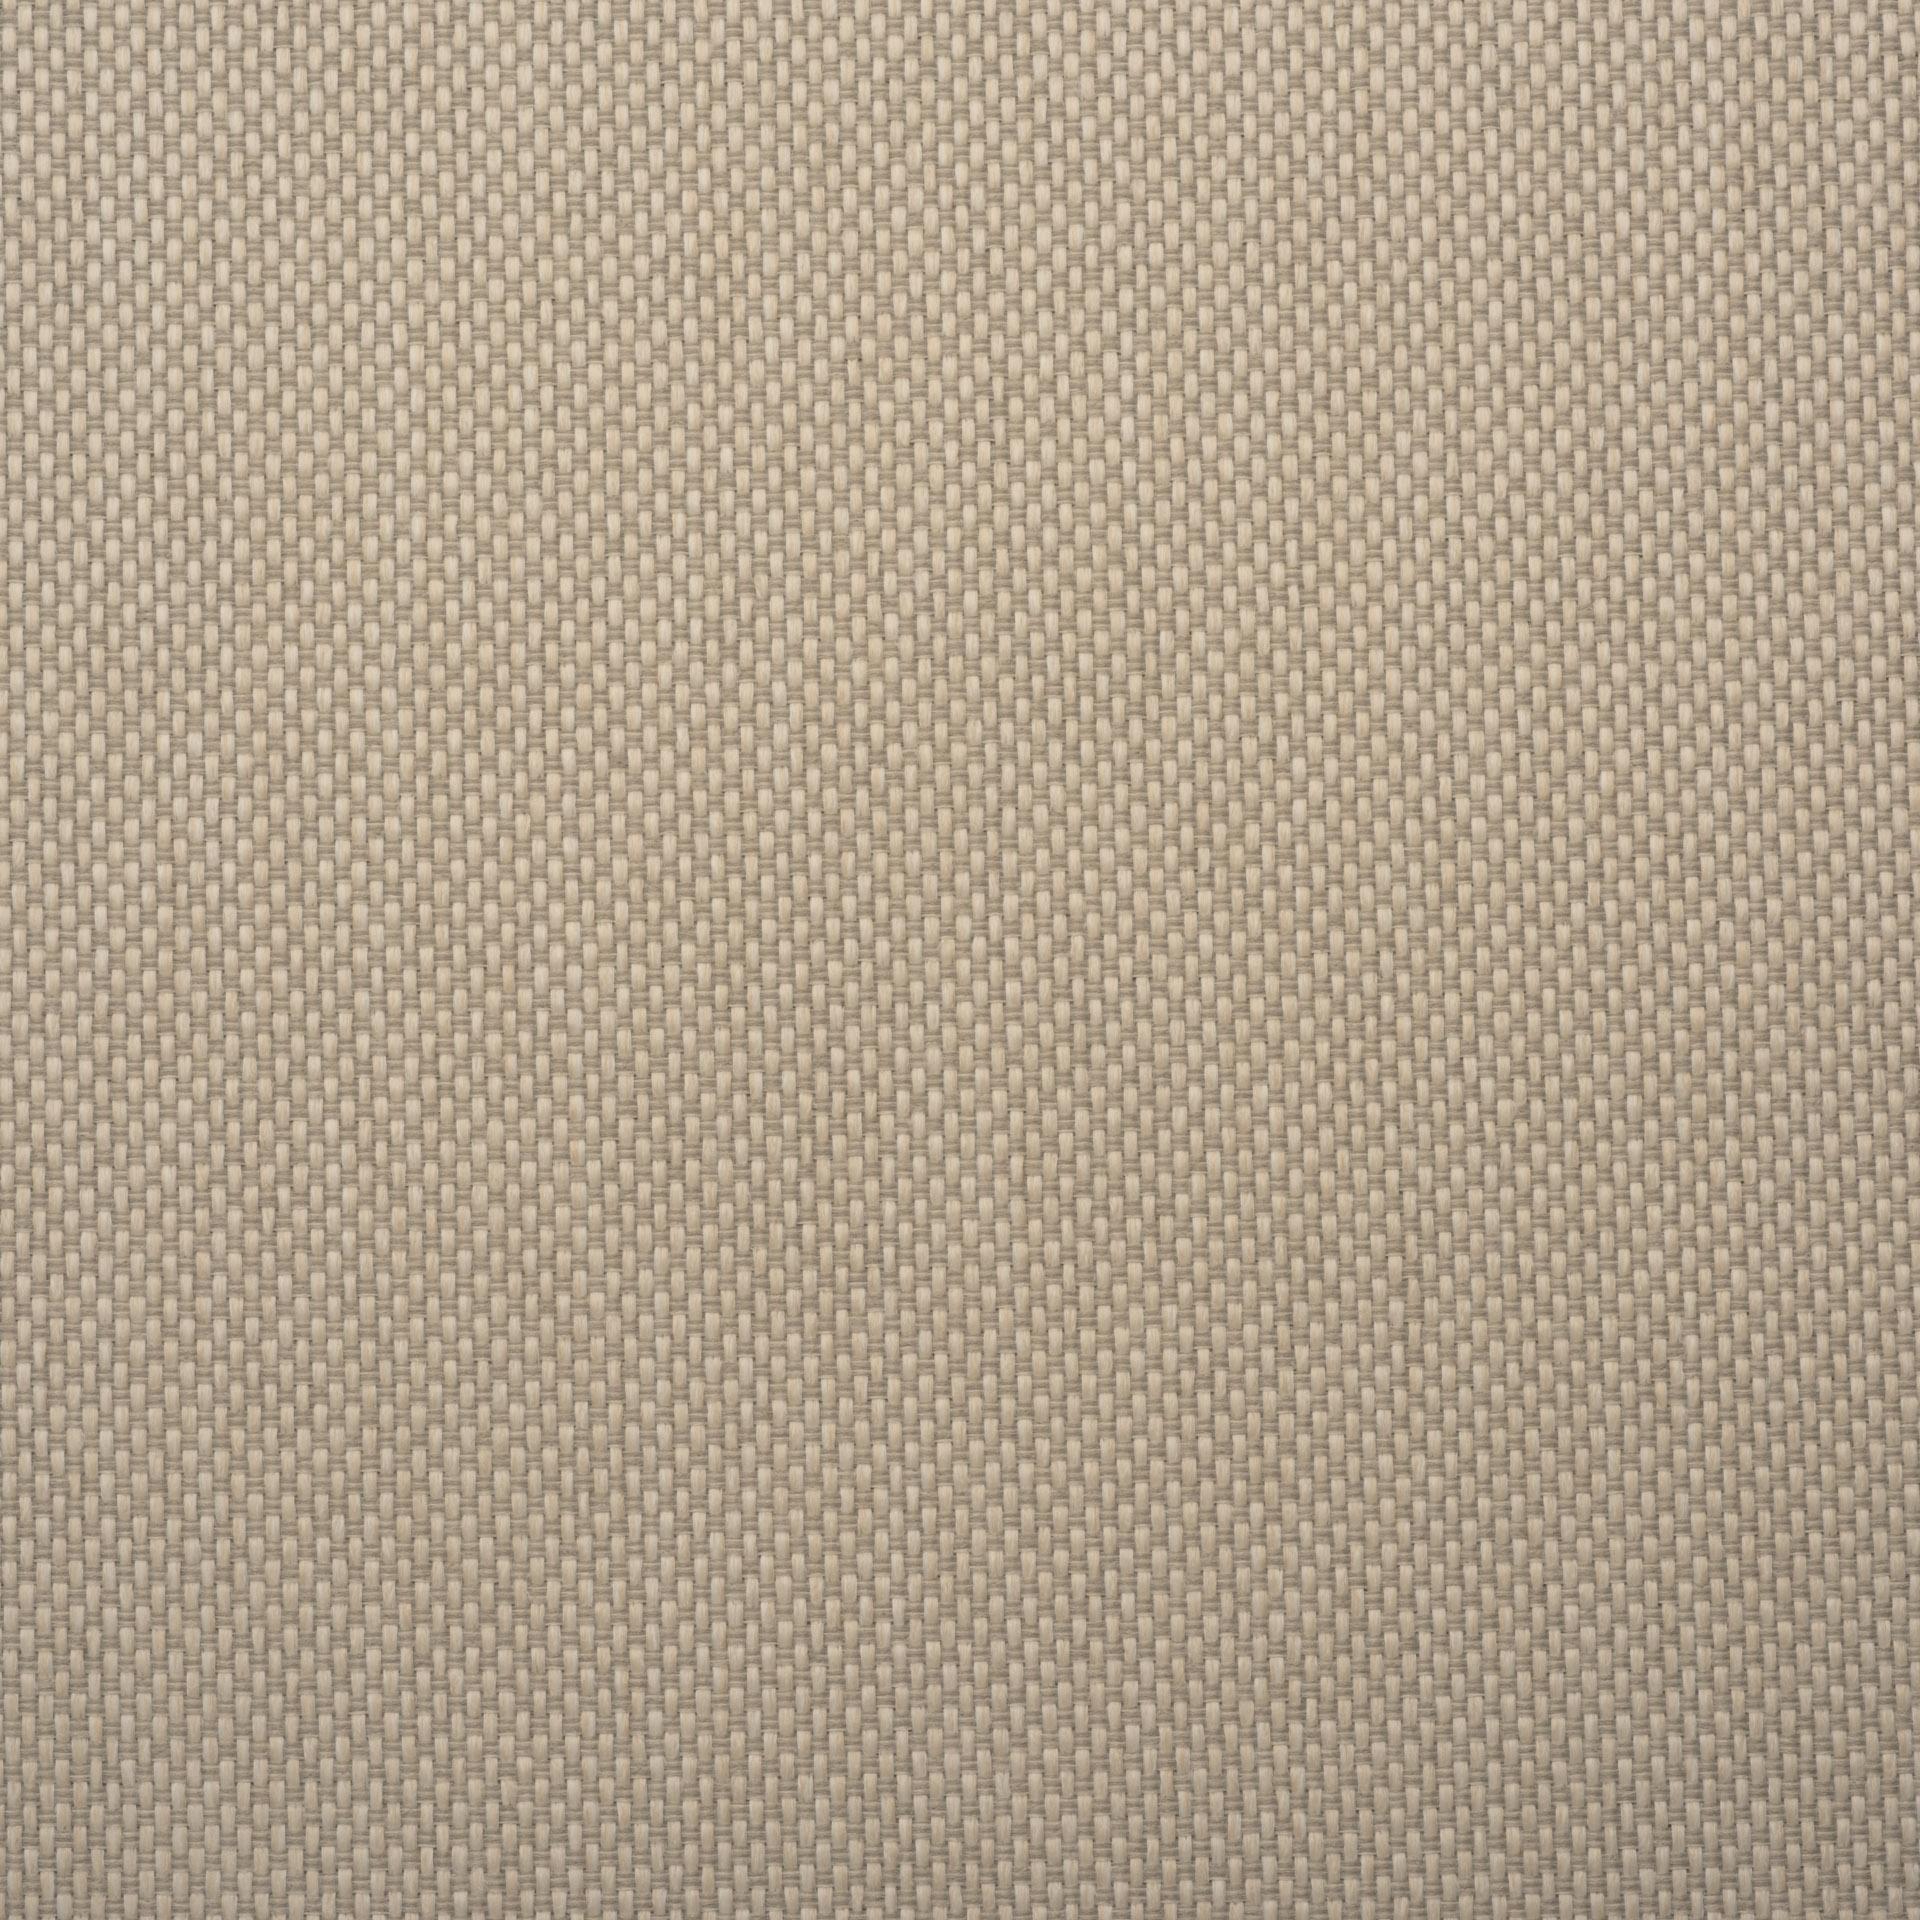 Коллекция ткани Сиеста комбин 83,  купить ткань Рогожка для мебели Украина